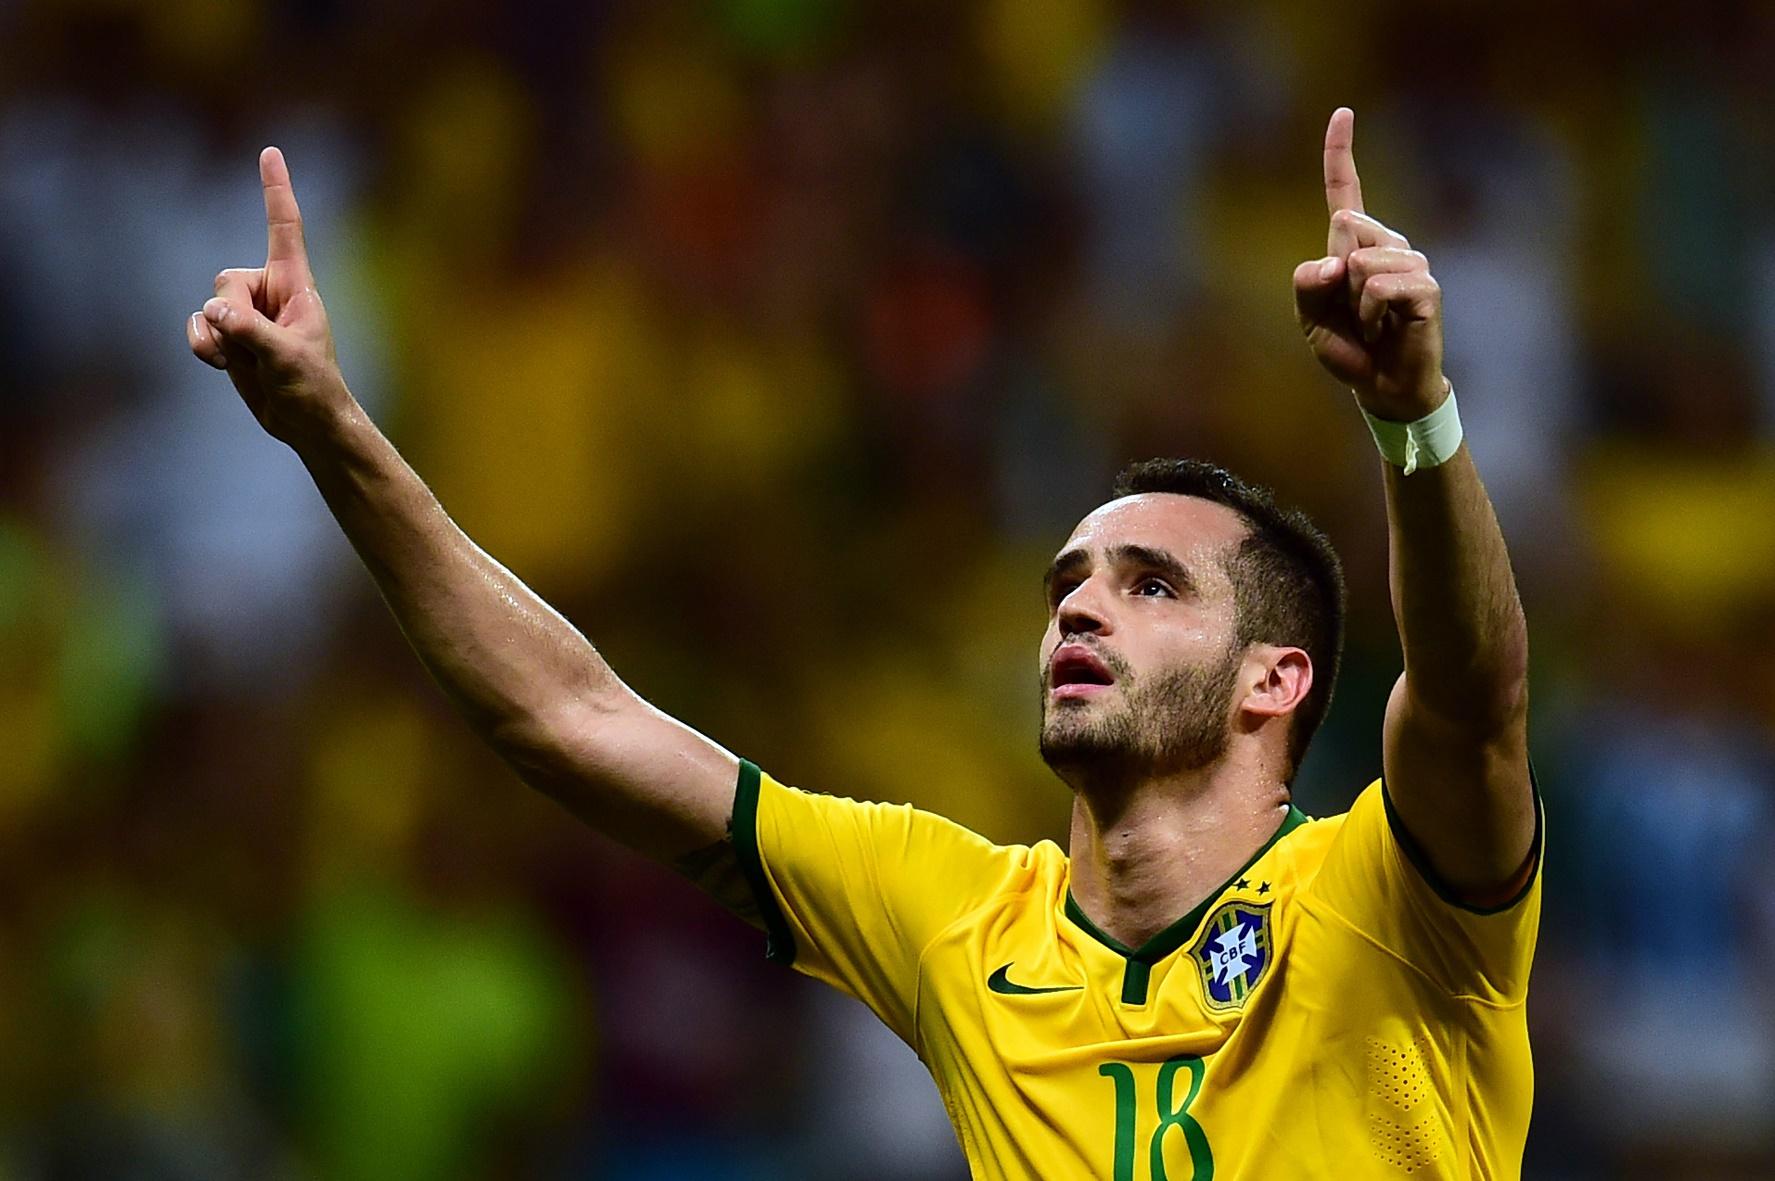 """Melhor jogador do último Campeonato Brasileiro, Renato Augusto foi um dos primeiros a aceitar o convite dos chineses: """"Não fui eu que escolhi a China, foi a China que me escolheu"""""""